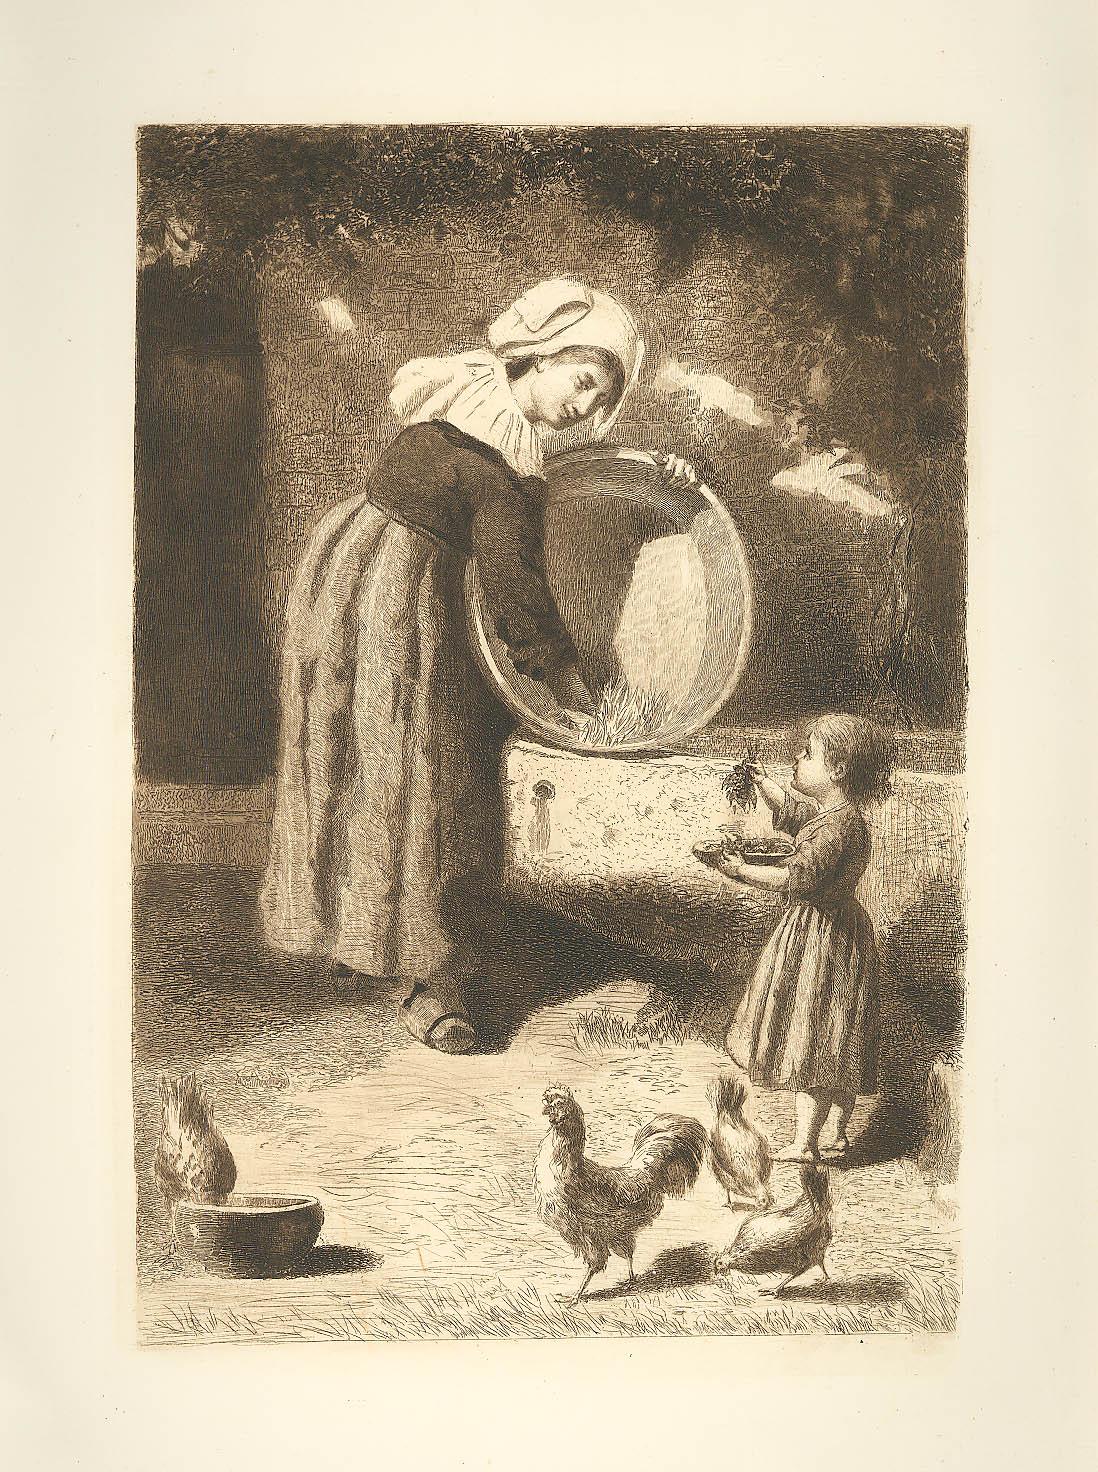 Breton Courtyard etching James S King 1885